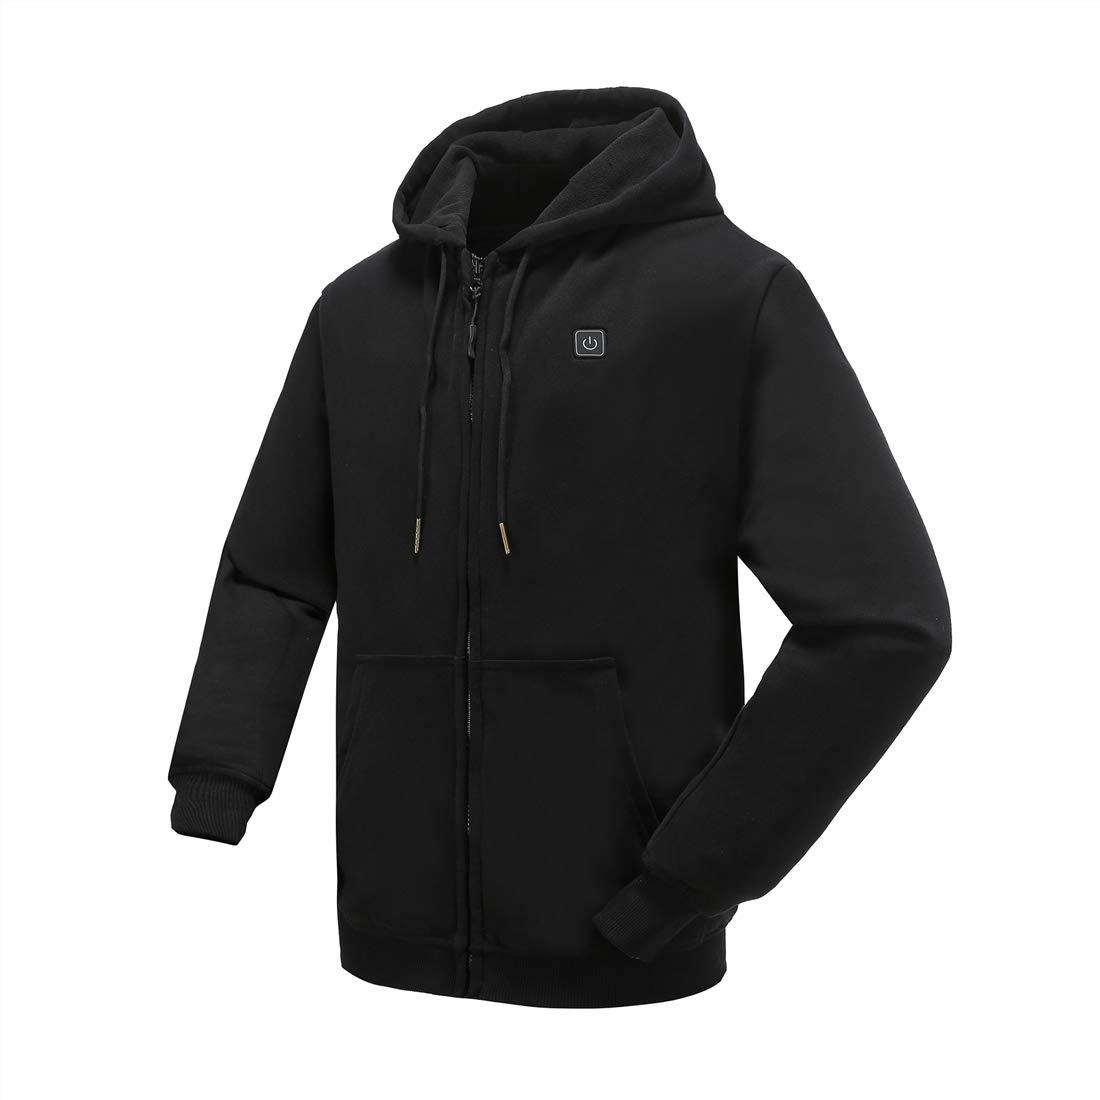 N NIFVAN Heated Hoodie with Battery Pack for Men Women Full-Zip Fleece 7.4V Hooded Sweatshirt (Large, Black) by N NIFVAN